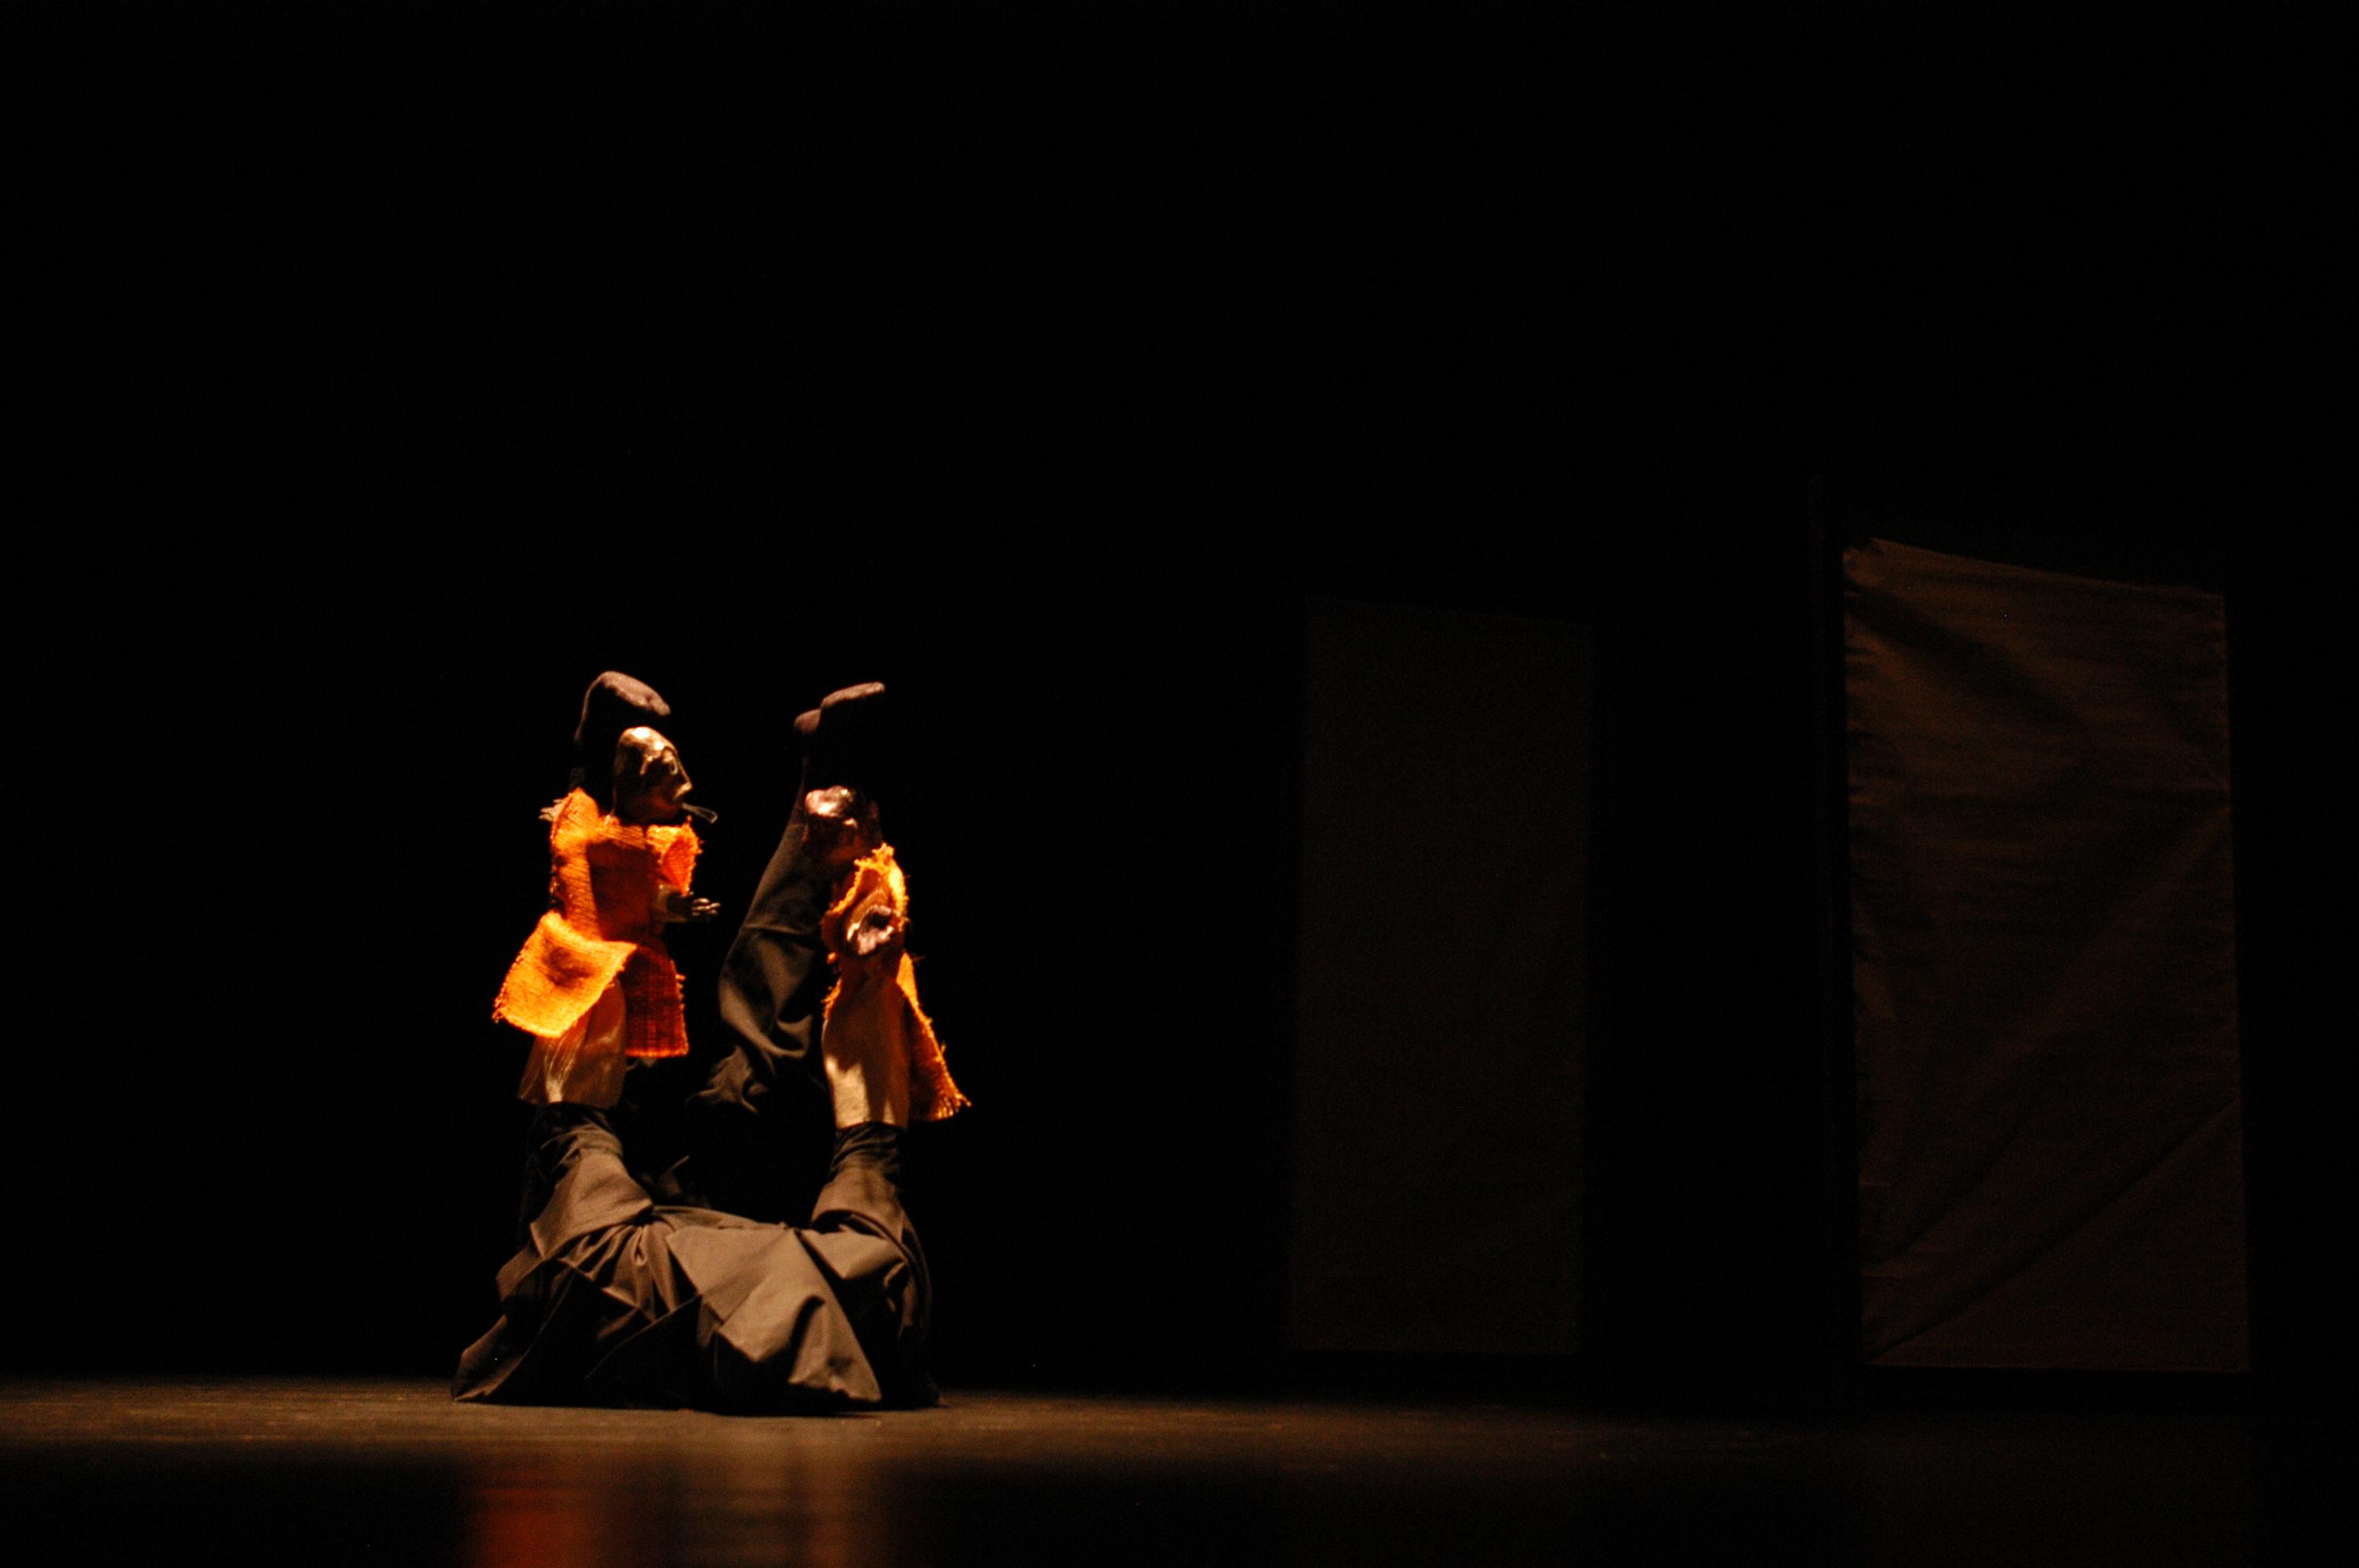 kagome - fde 2006 - 07.JPG